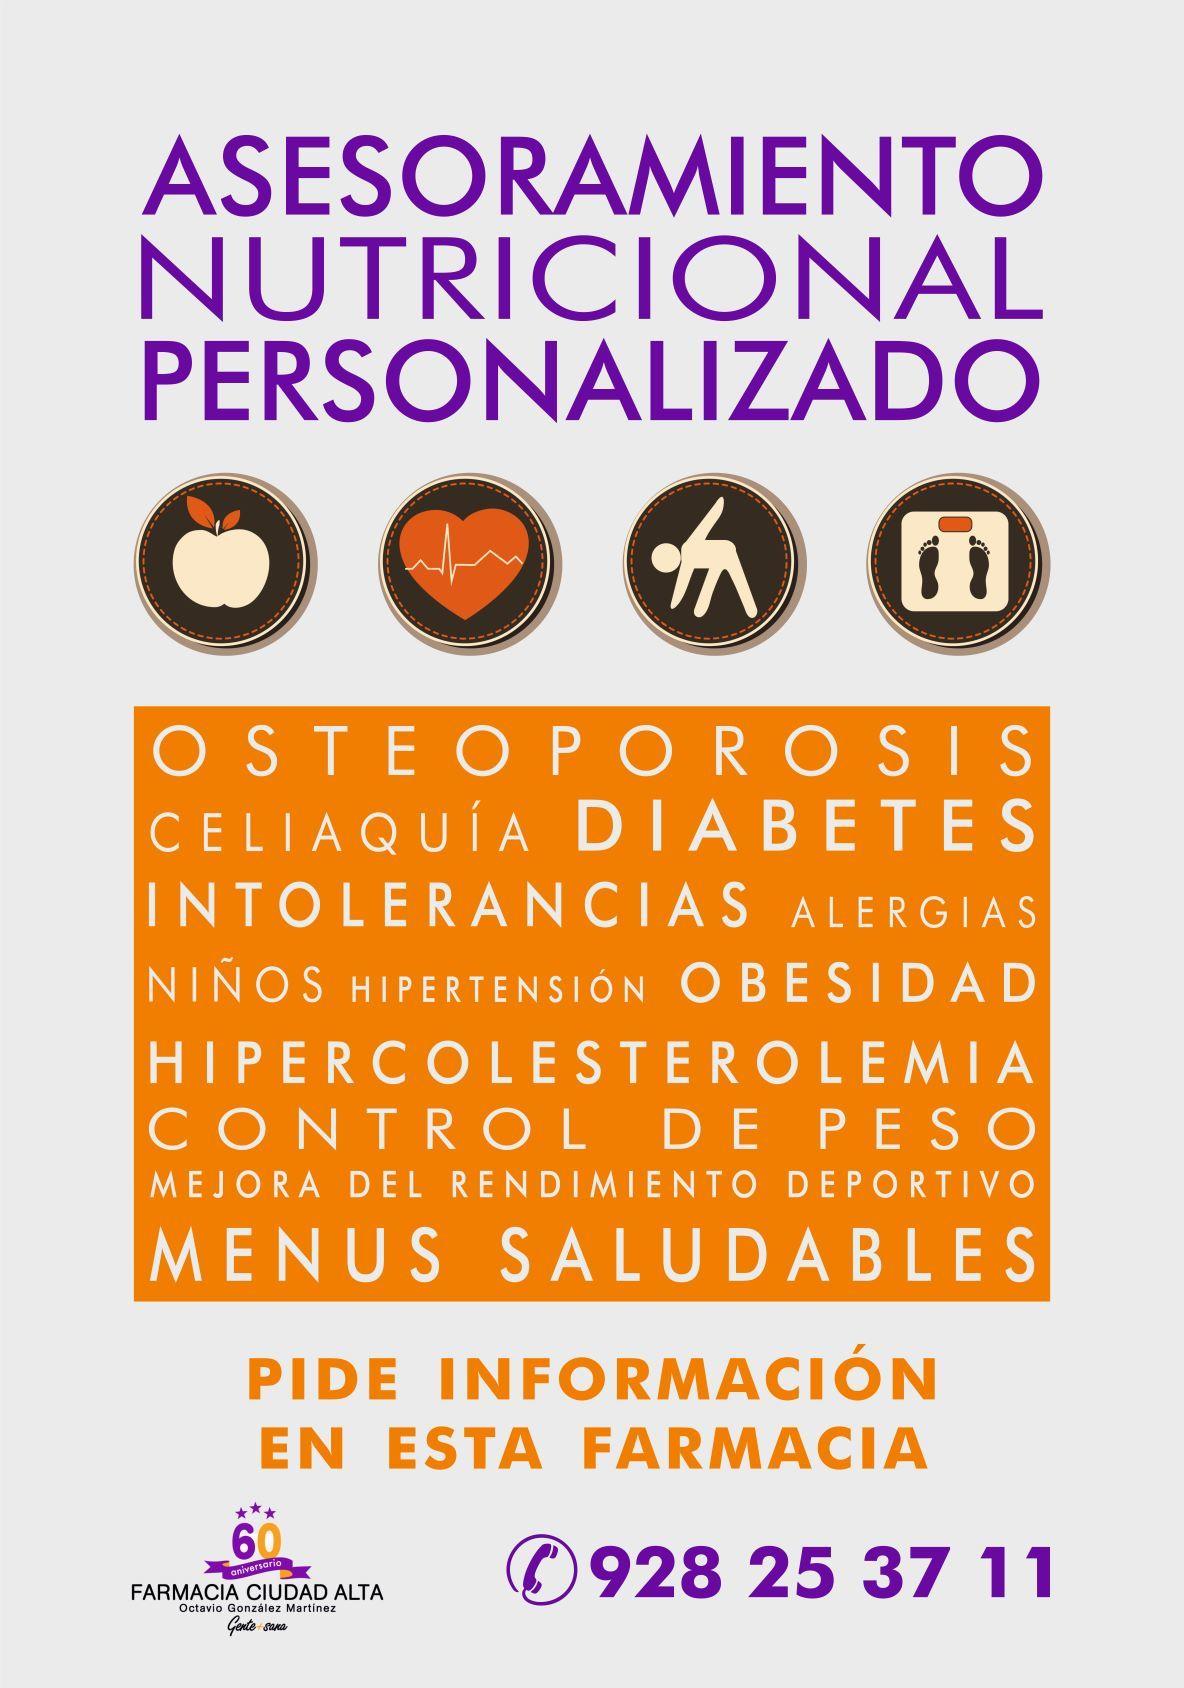 Nutricionista Farmacia Ciudad Alta